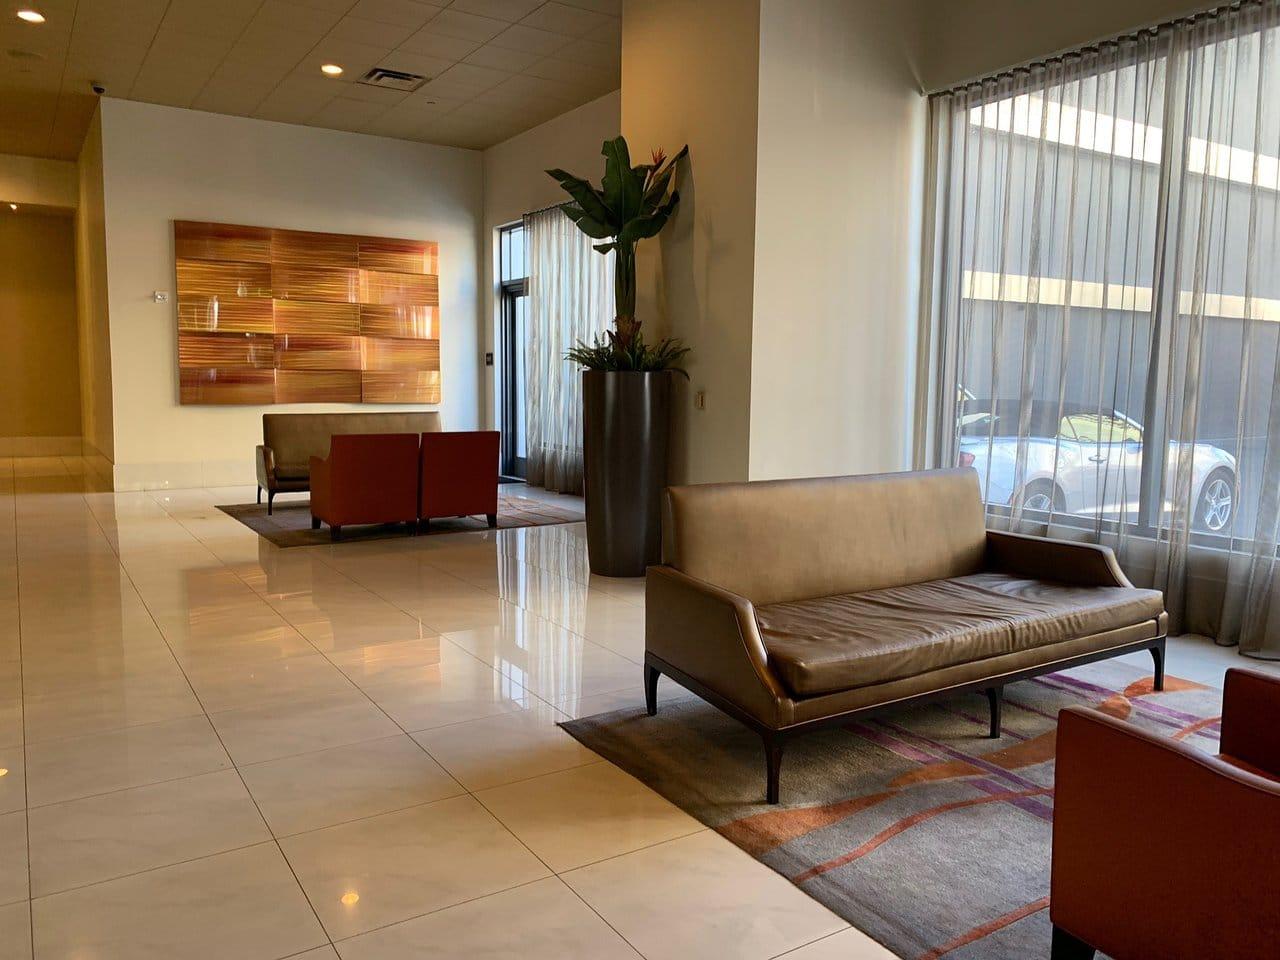 Elara By Hilton Grand Vacations Waiting